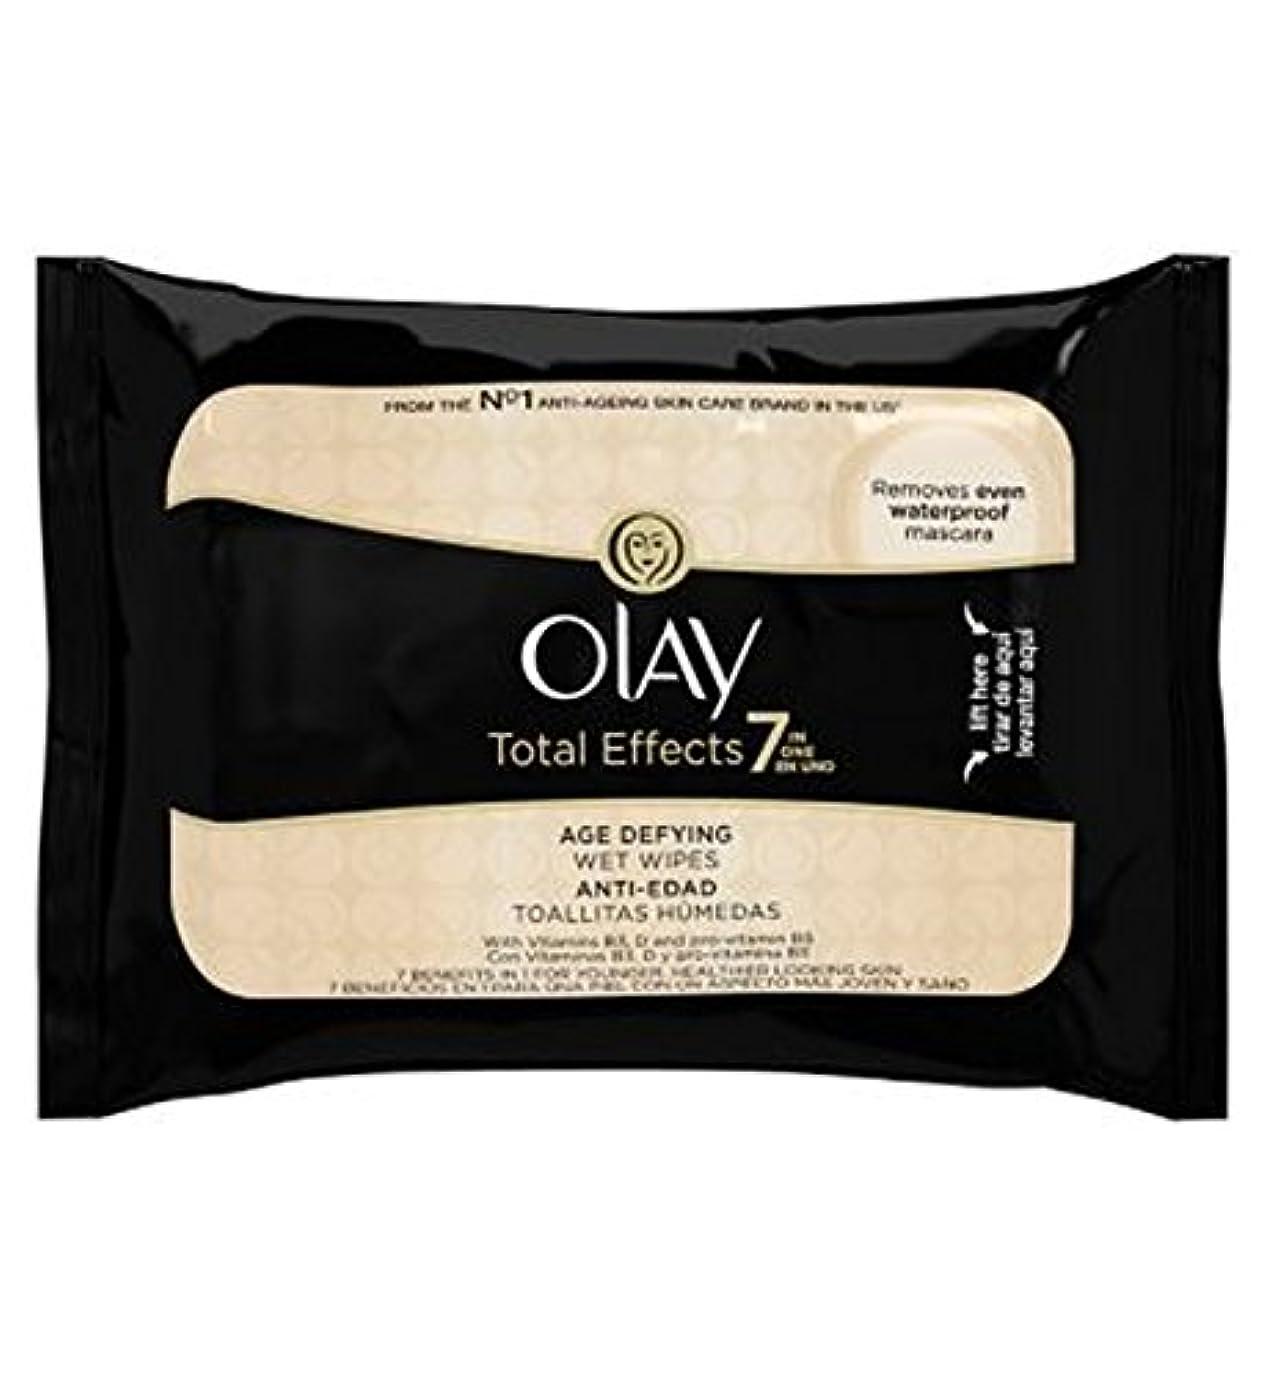 スナック繊毛はさみOlay Total Effects 7in1 Age-Defying Wet Wipes 20s - オーレイトータルエフェクト?7In1のウェットティッシュの20代の年齢に挑みます (Olay) [並行輸入品]